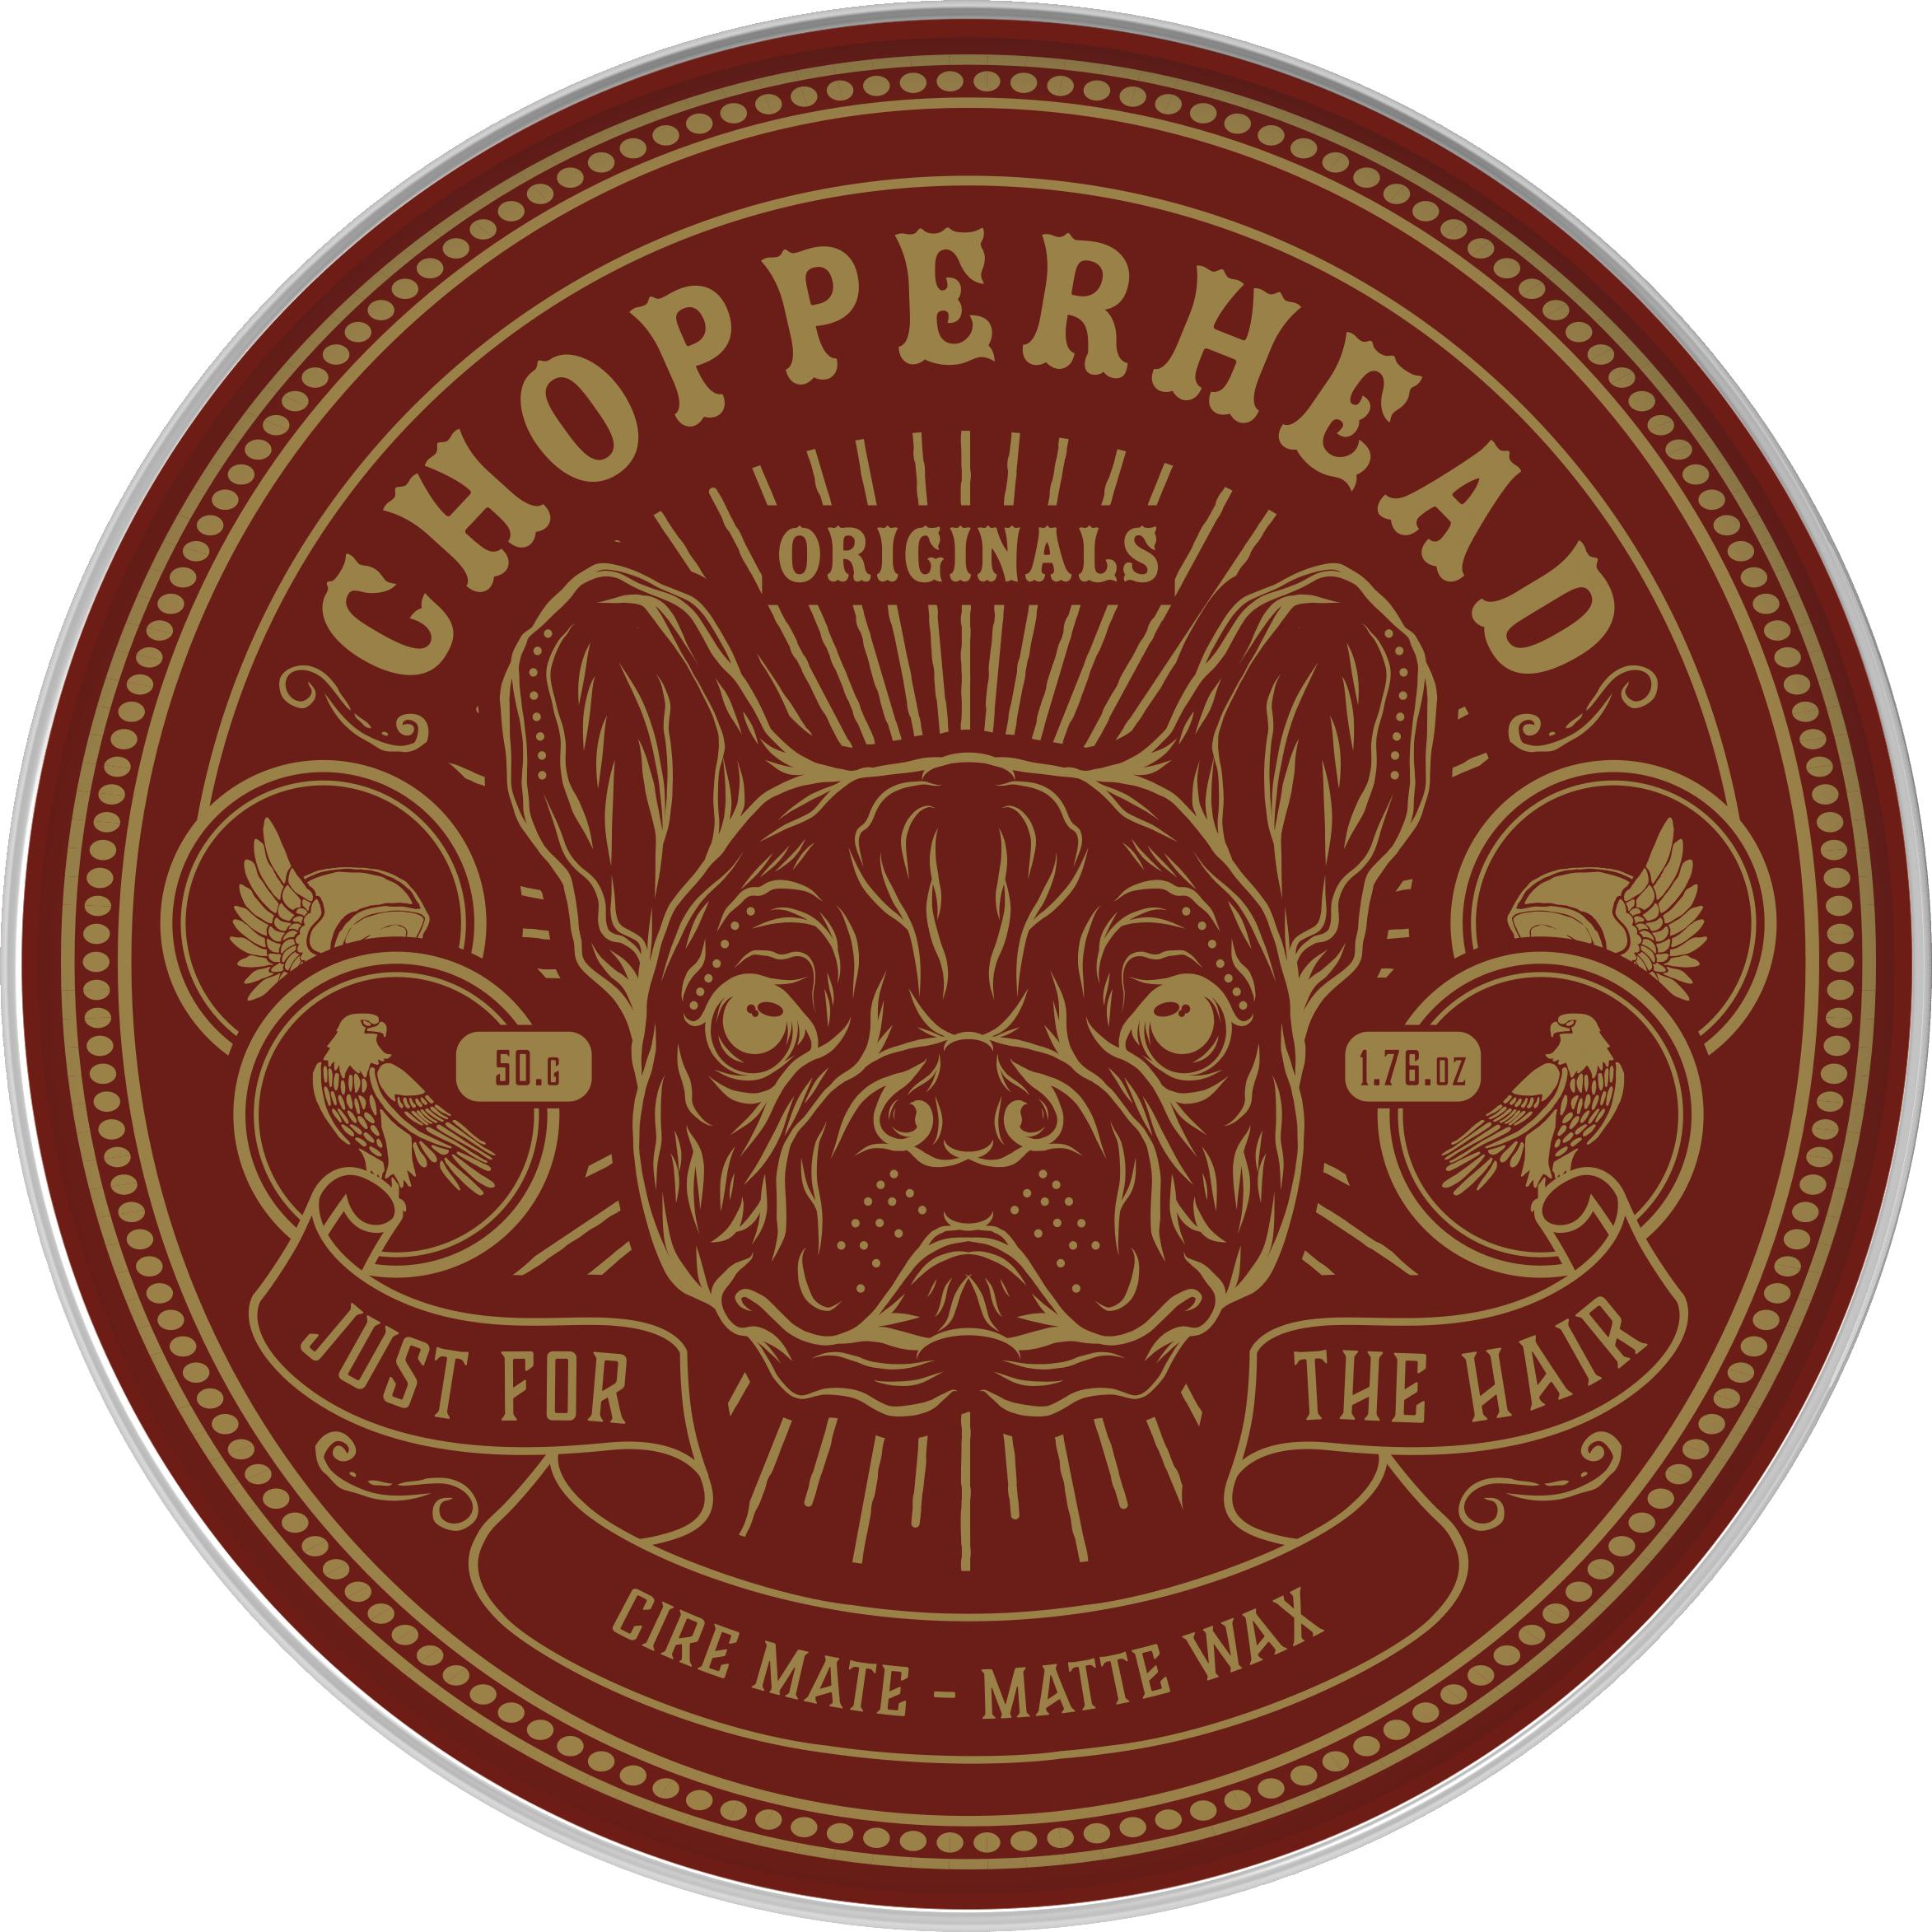 CHOPPERHEAD STYLE CIRE MATE...